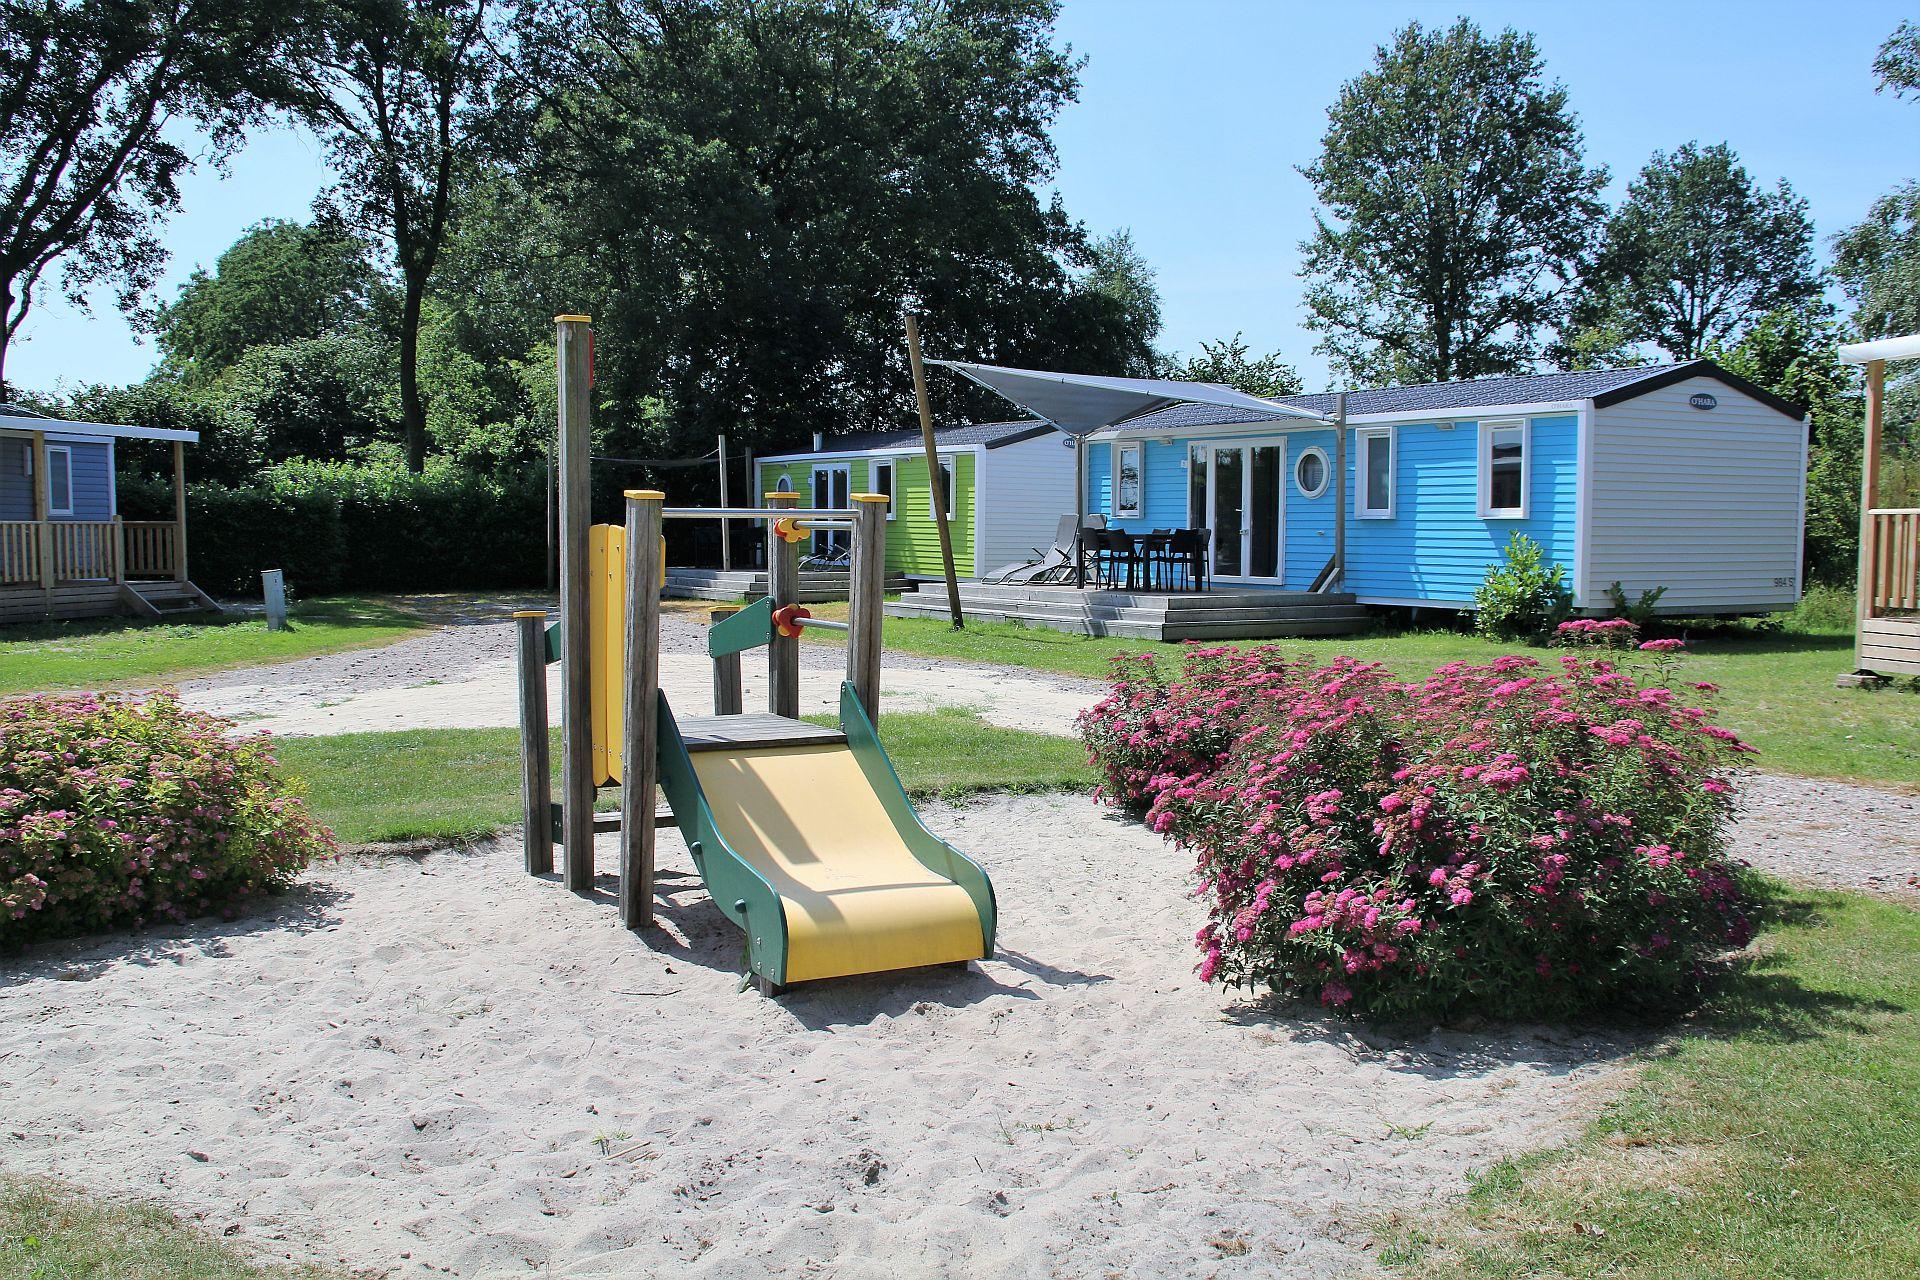 Verhuur van vakantiewoningen in Hardenberg - verhuur van vakantiewoningen in Hardenberg